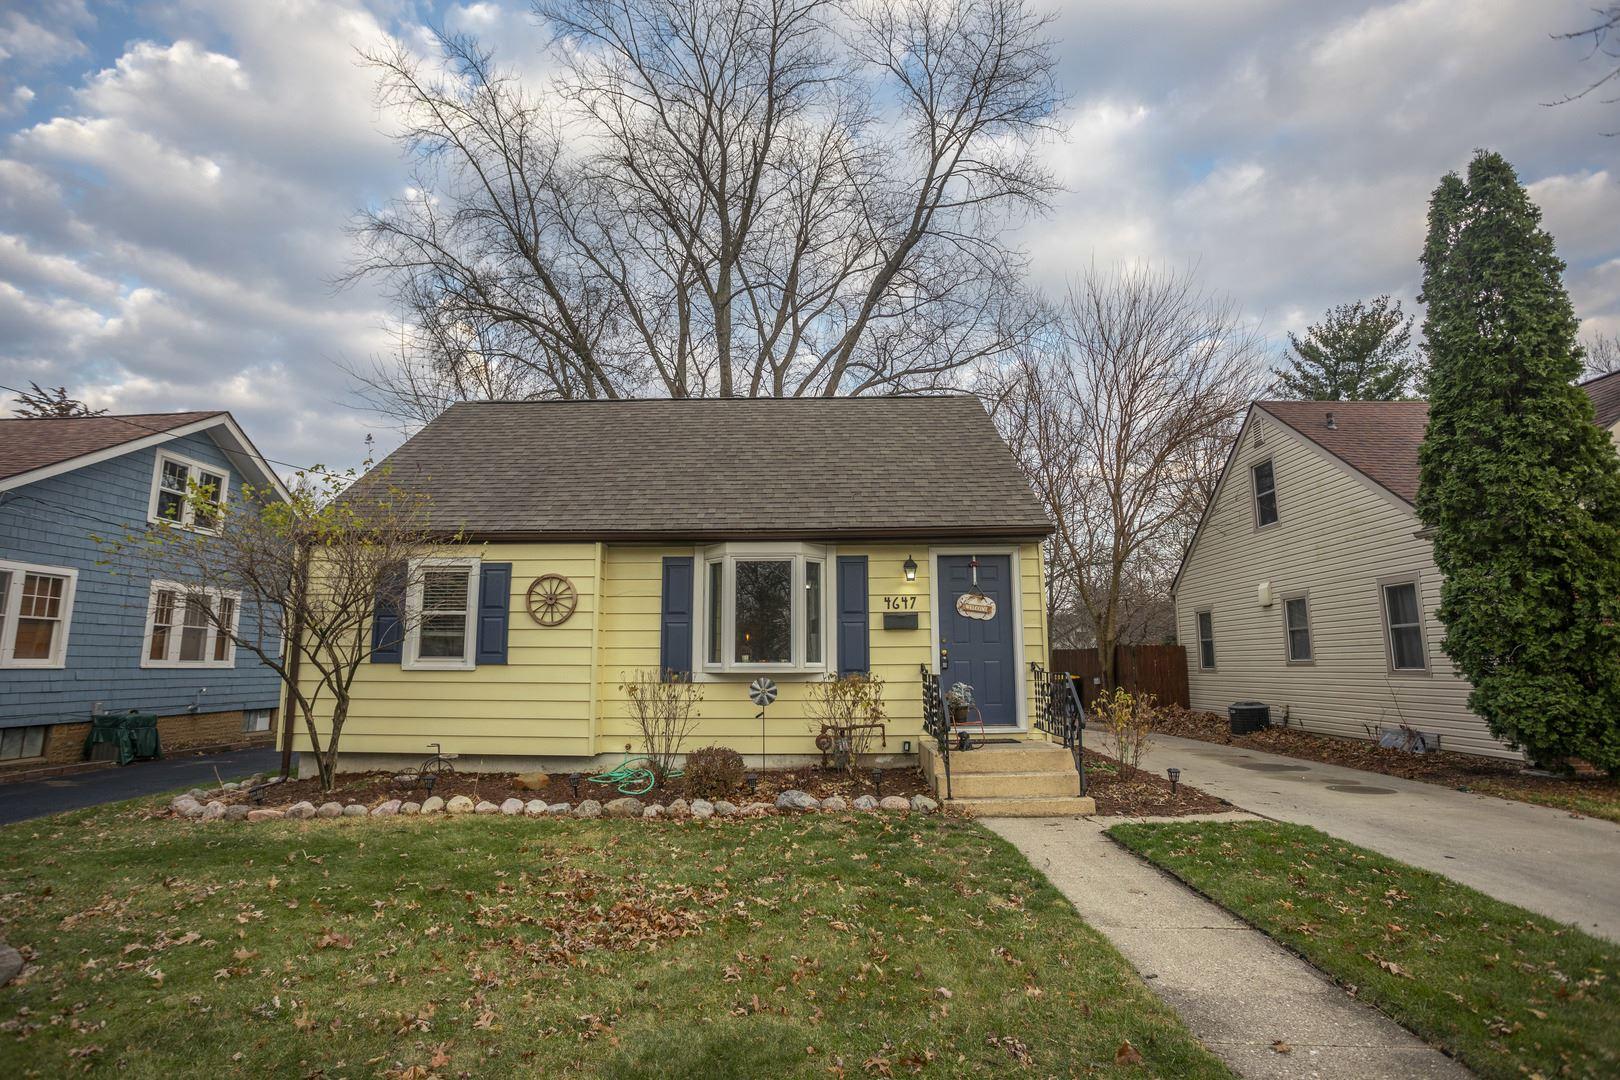 4647 ARLINGTON Street, Loves Park, IL 61111 - #: 10939618